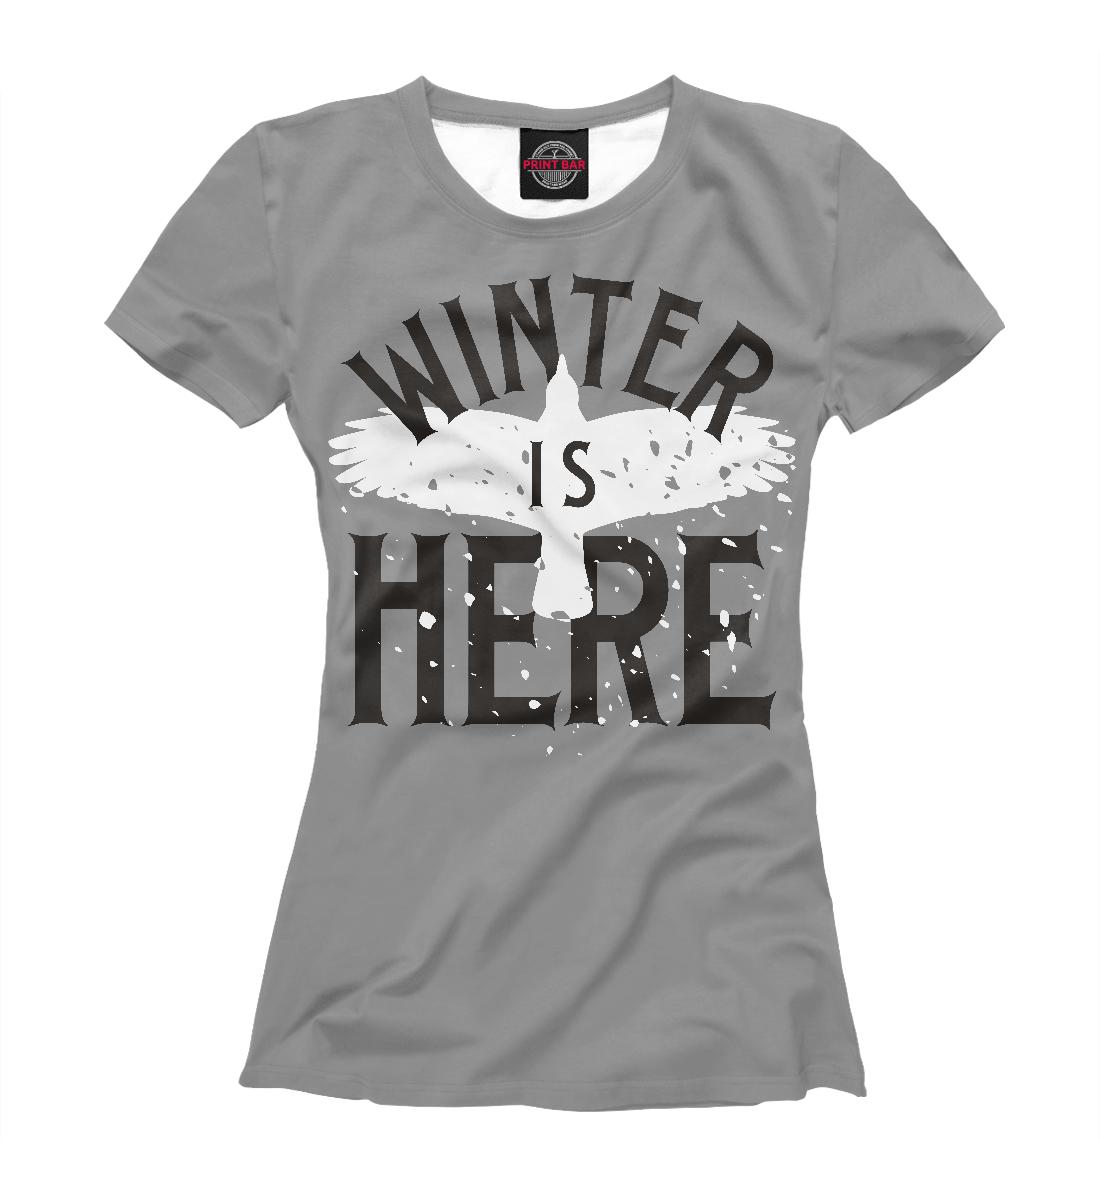 Купить Зима здесь, Printbar, Футболки, IGR-302770-fut-1